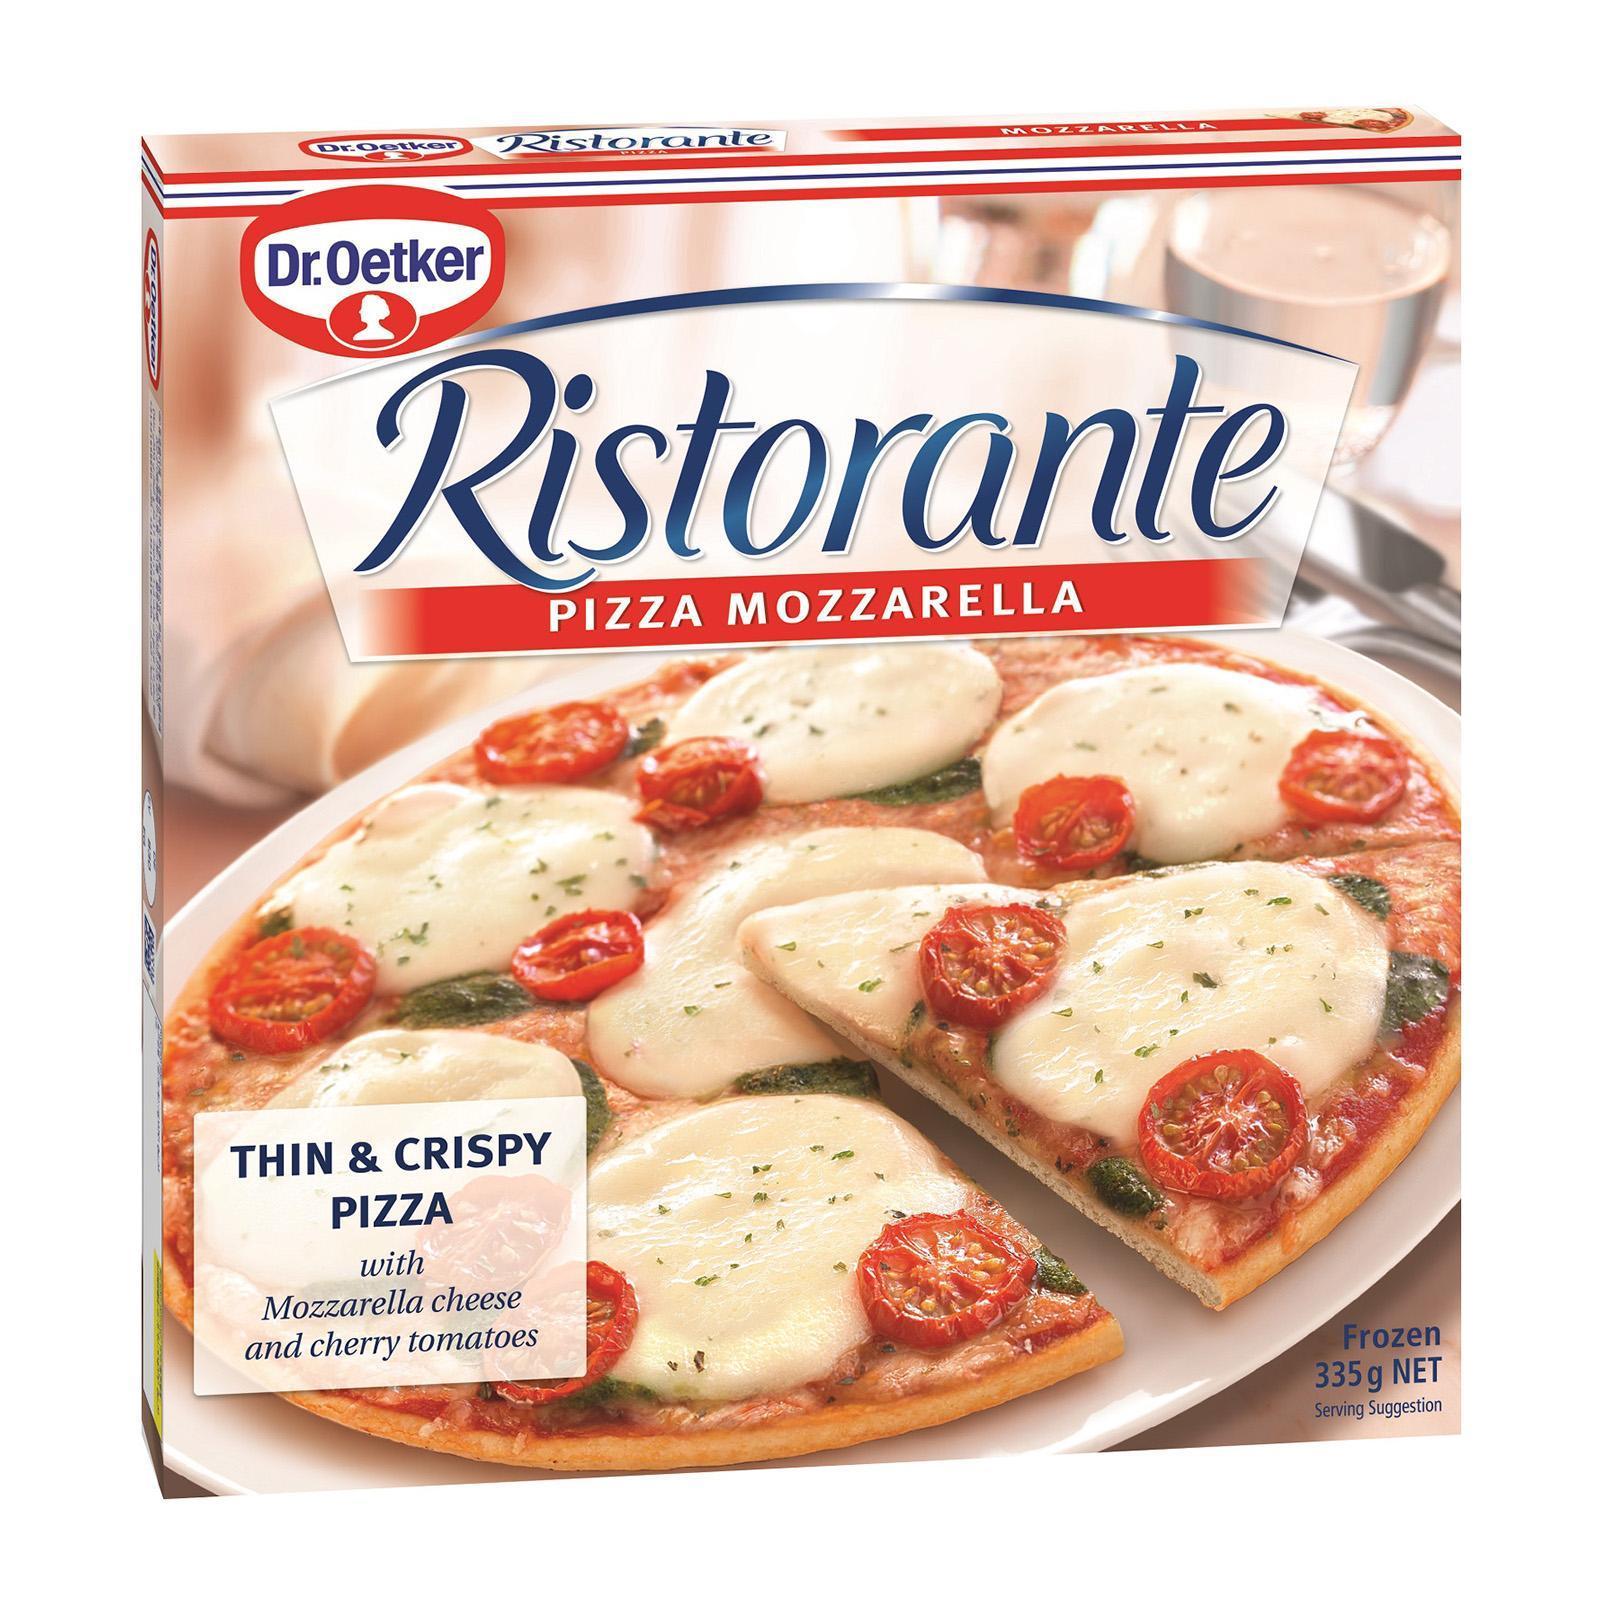 Dr Oetker Ristorante Mozzarella Pizza - Frozen